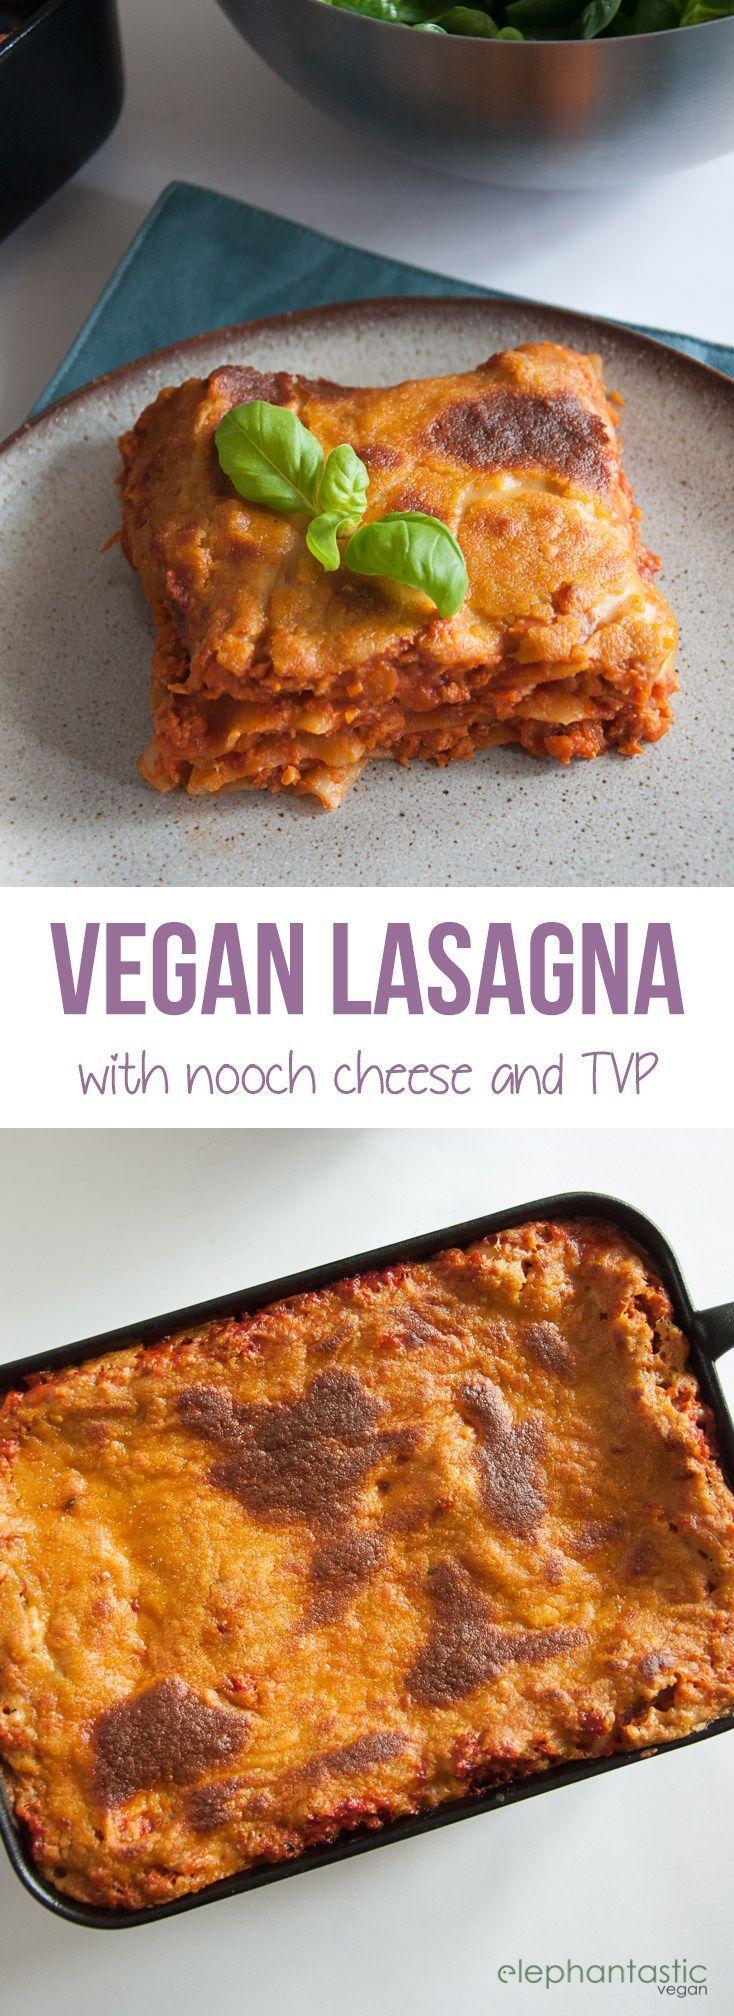 Lasagna with Nooch Cheese |